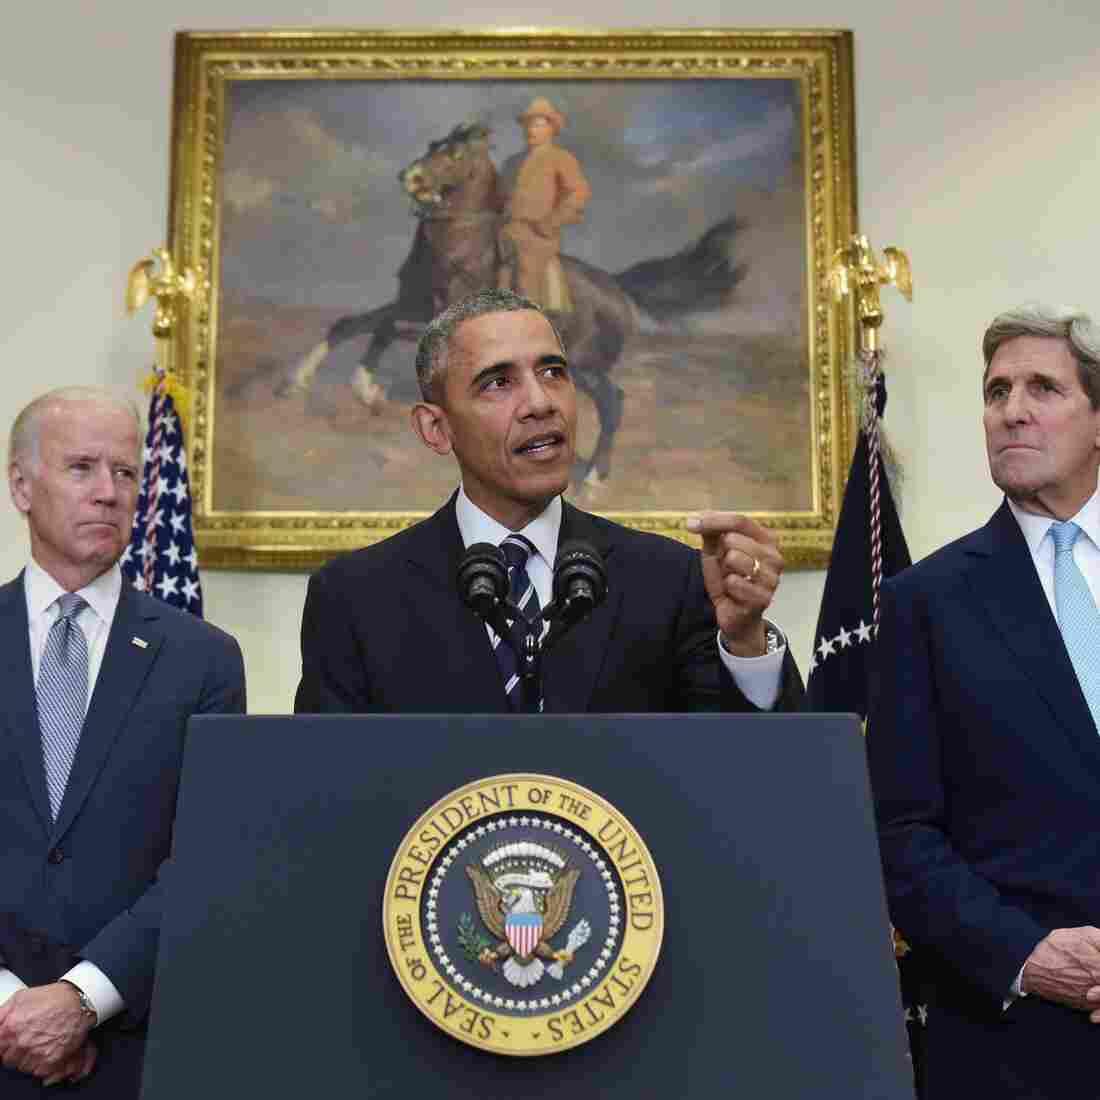 President Obama Rejects Keystone XL Pipeline Plan